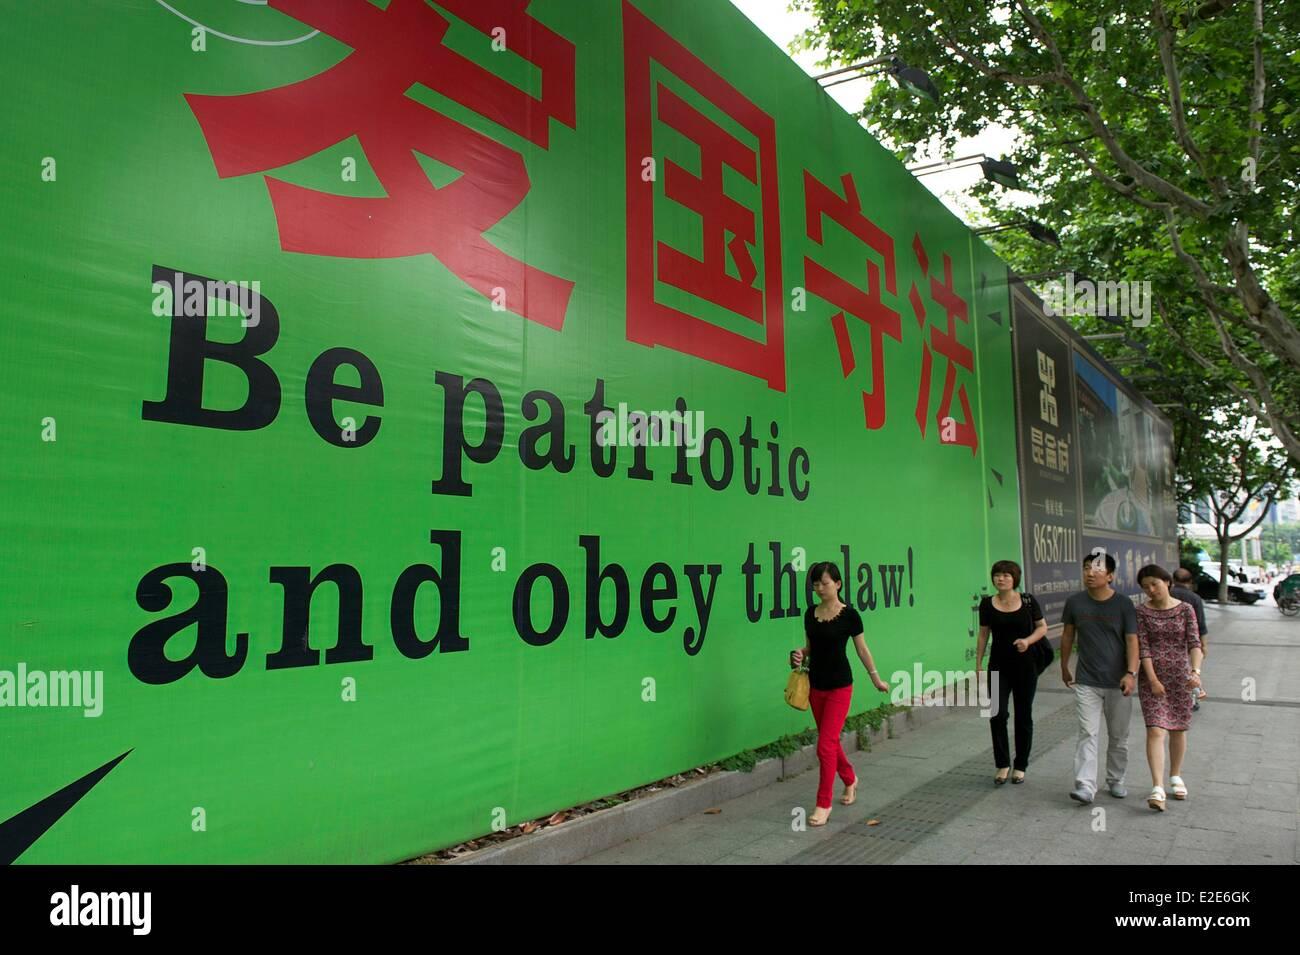 China, Zhejiang province, Hangzhou, propaganda - Stock Image